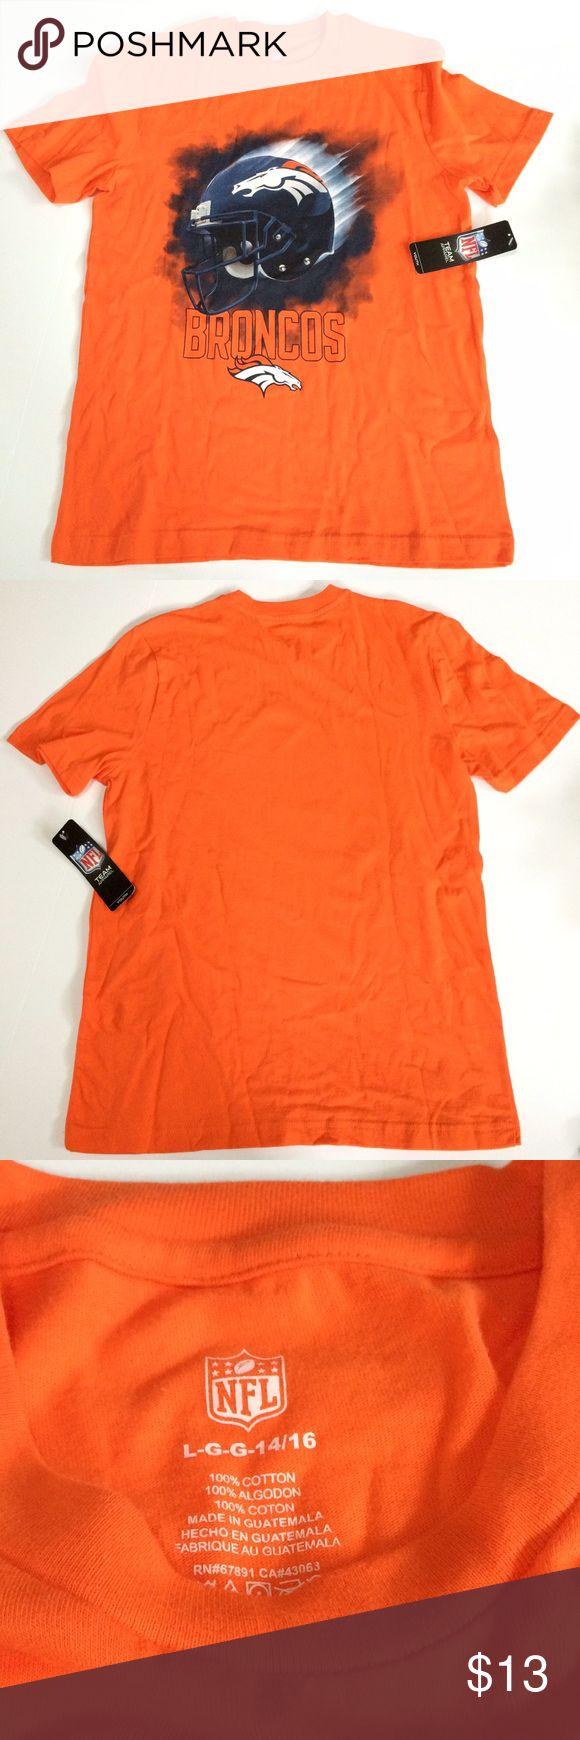 NWT NFL Denver Bronco t-shirt NWT NFL Denver Bronco t-shirt NFL Shirts & Tops Tees - Short Sleeve